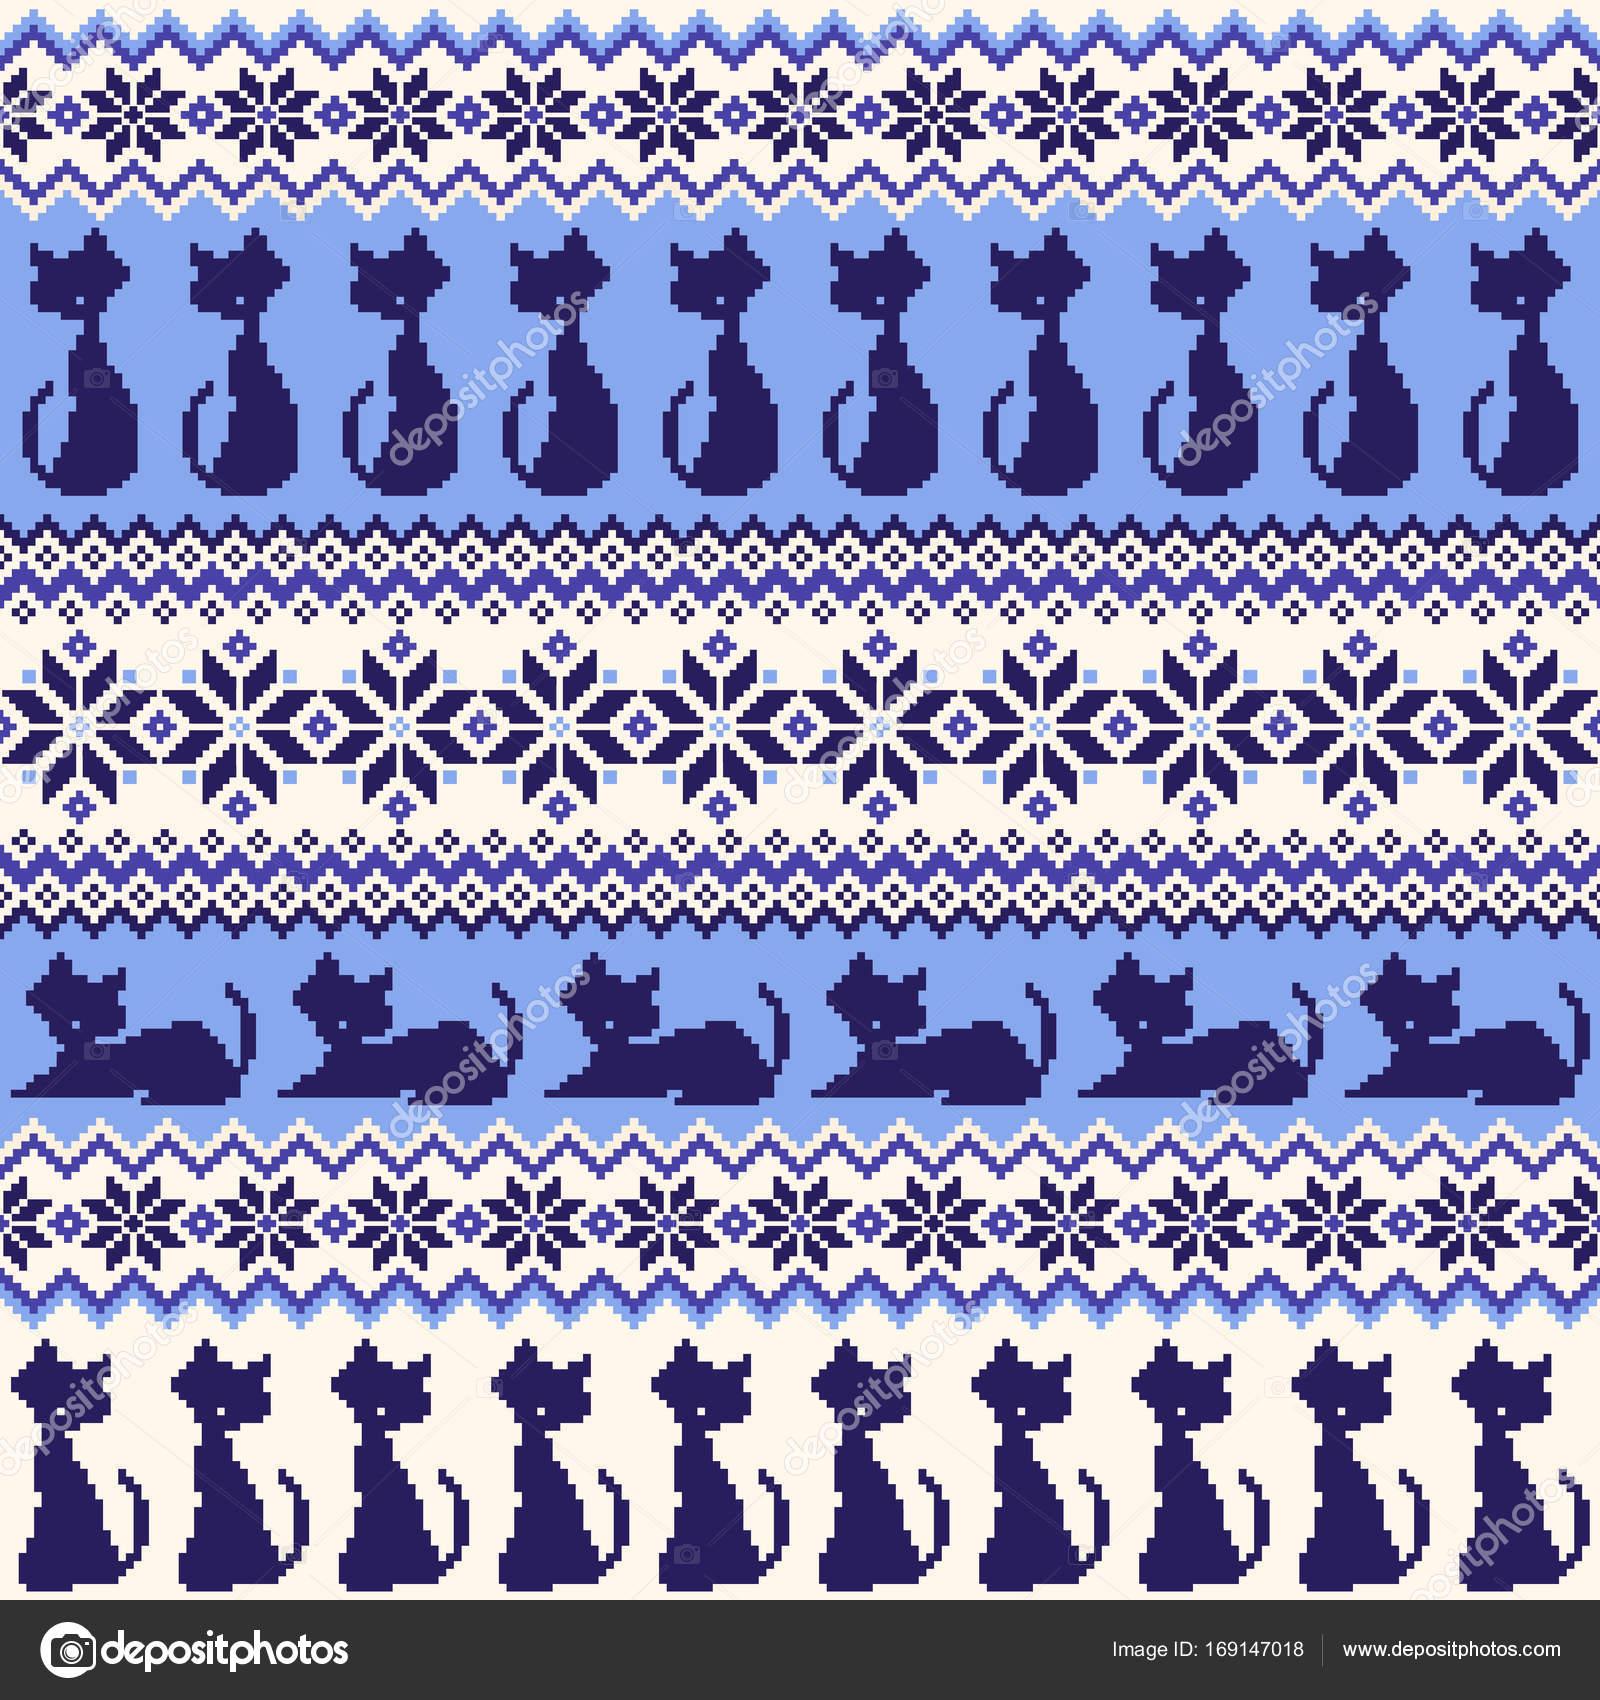 Ilustración de gato patrón nórdico — Archivo Imágenes Vectoriales ...